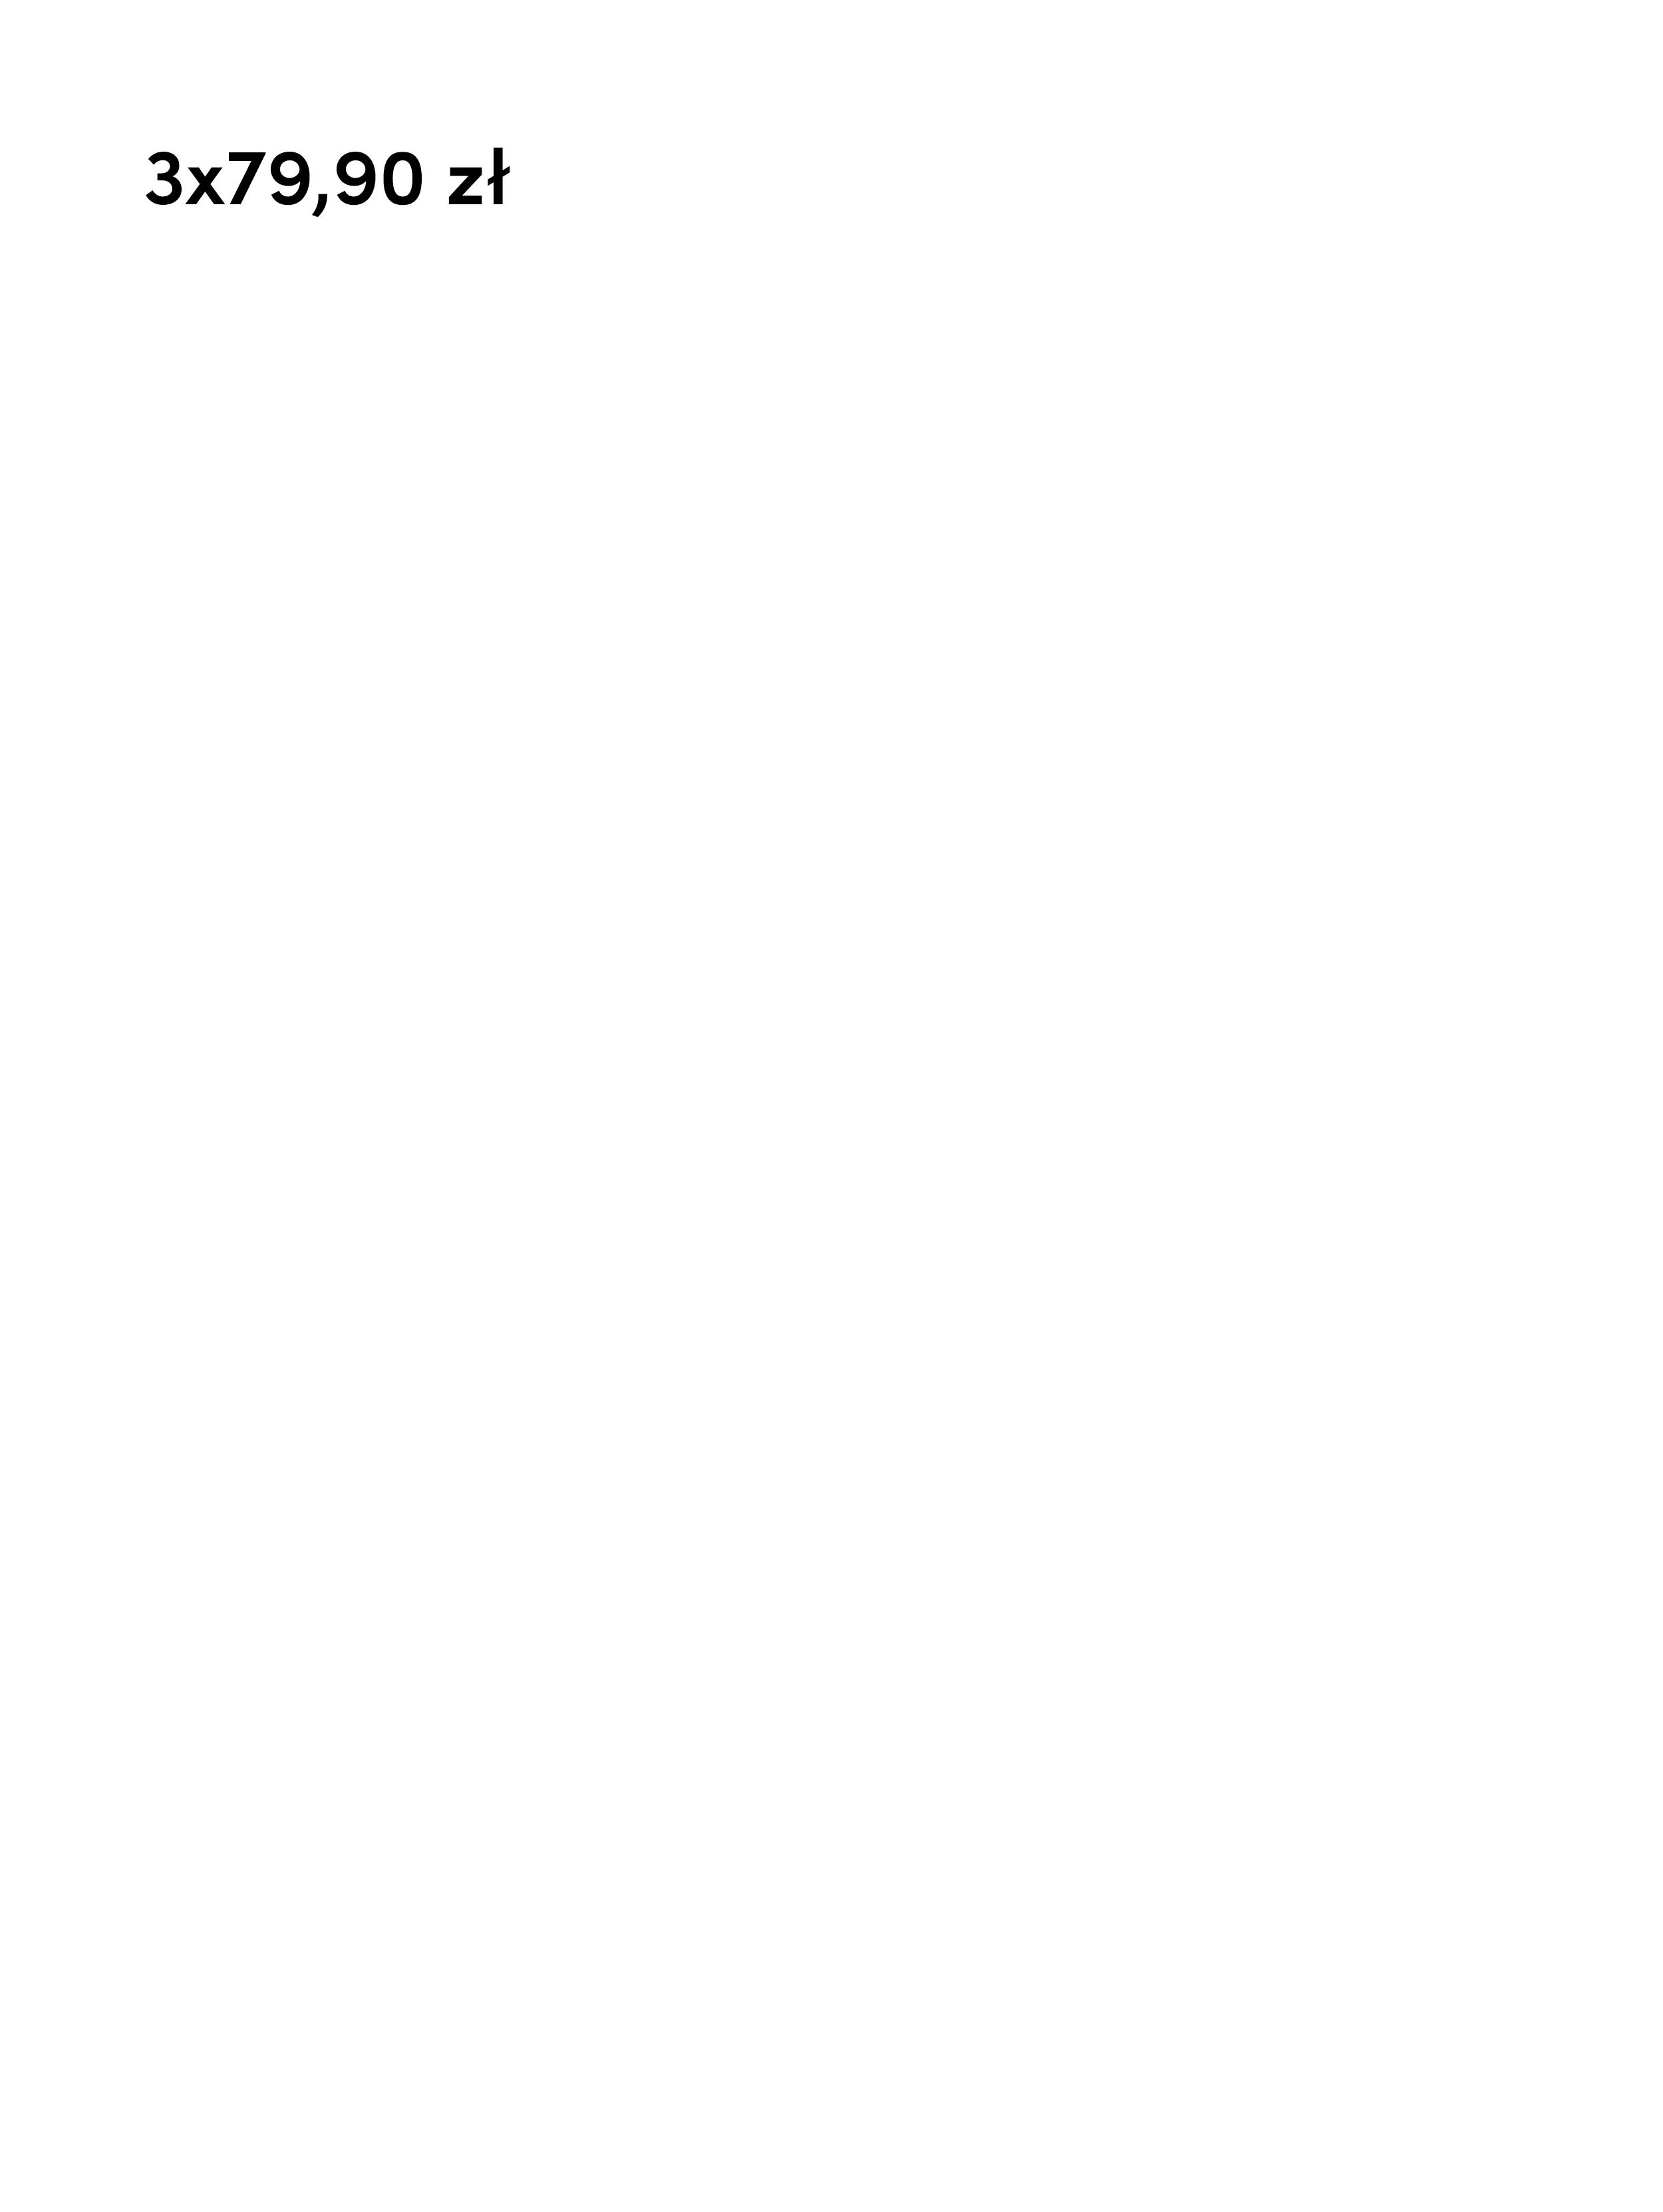 PL_3x79,90